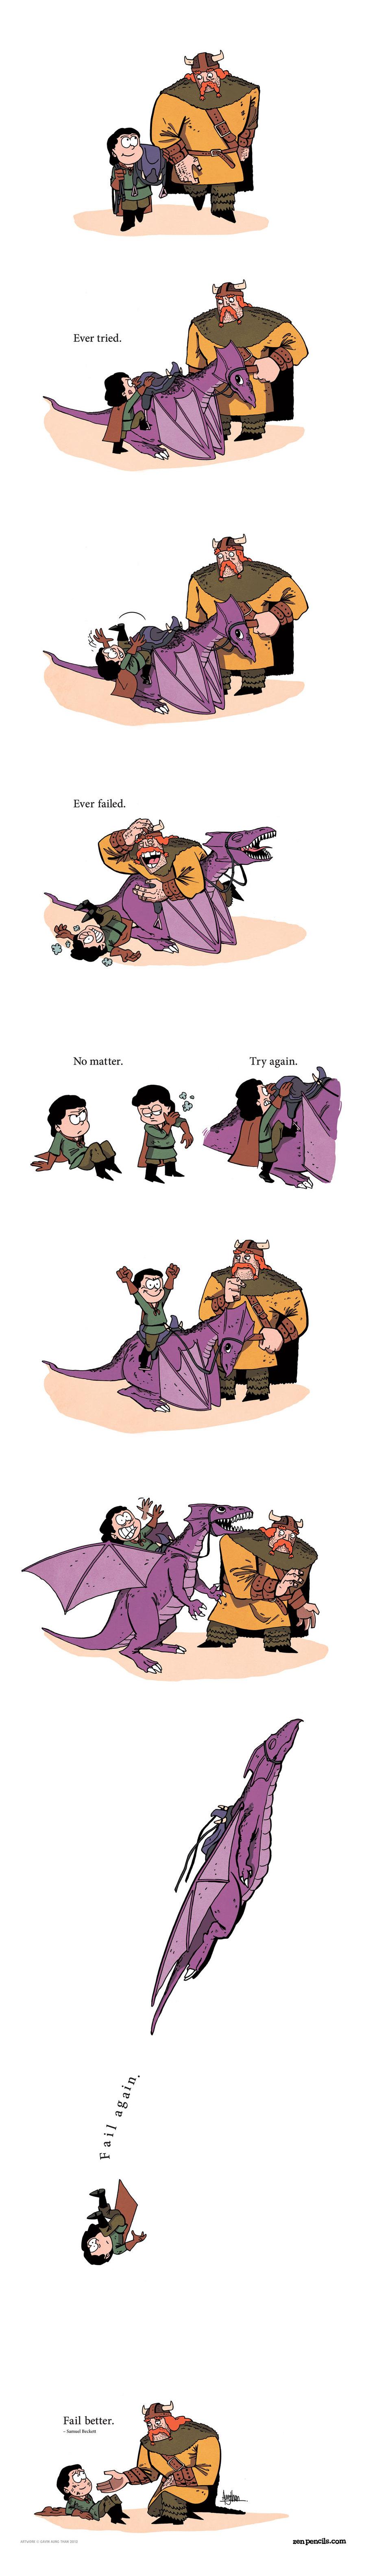 Zen Pencils Comic Strip for October 10, 2016